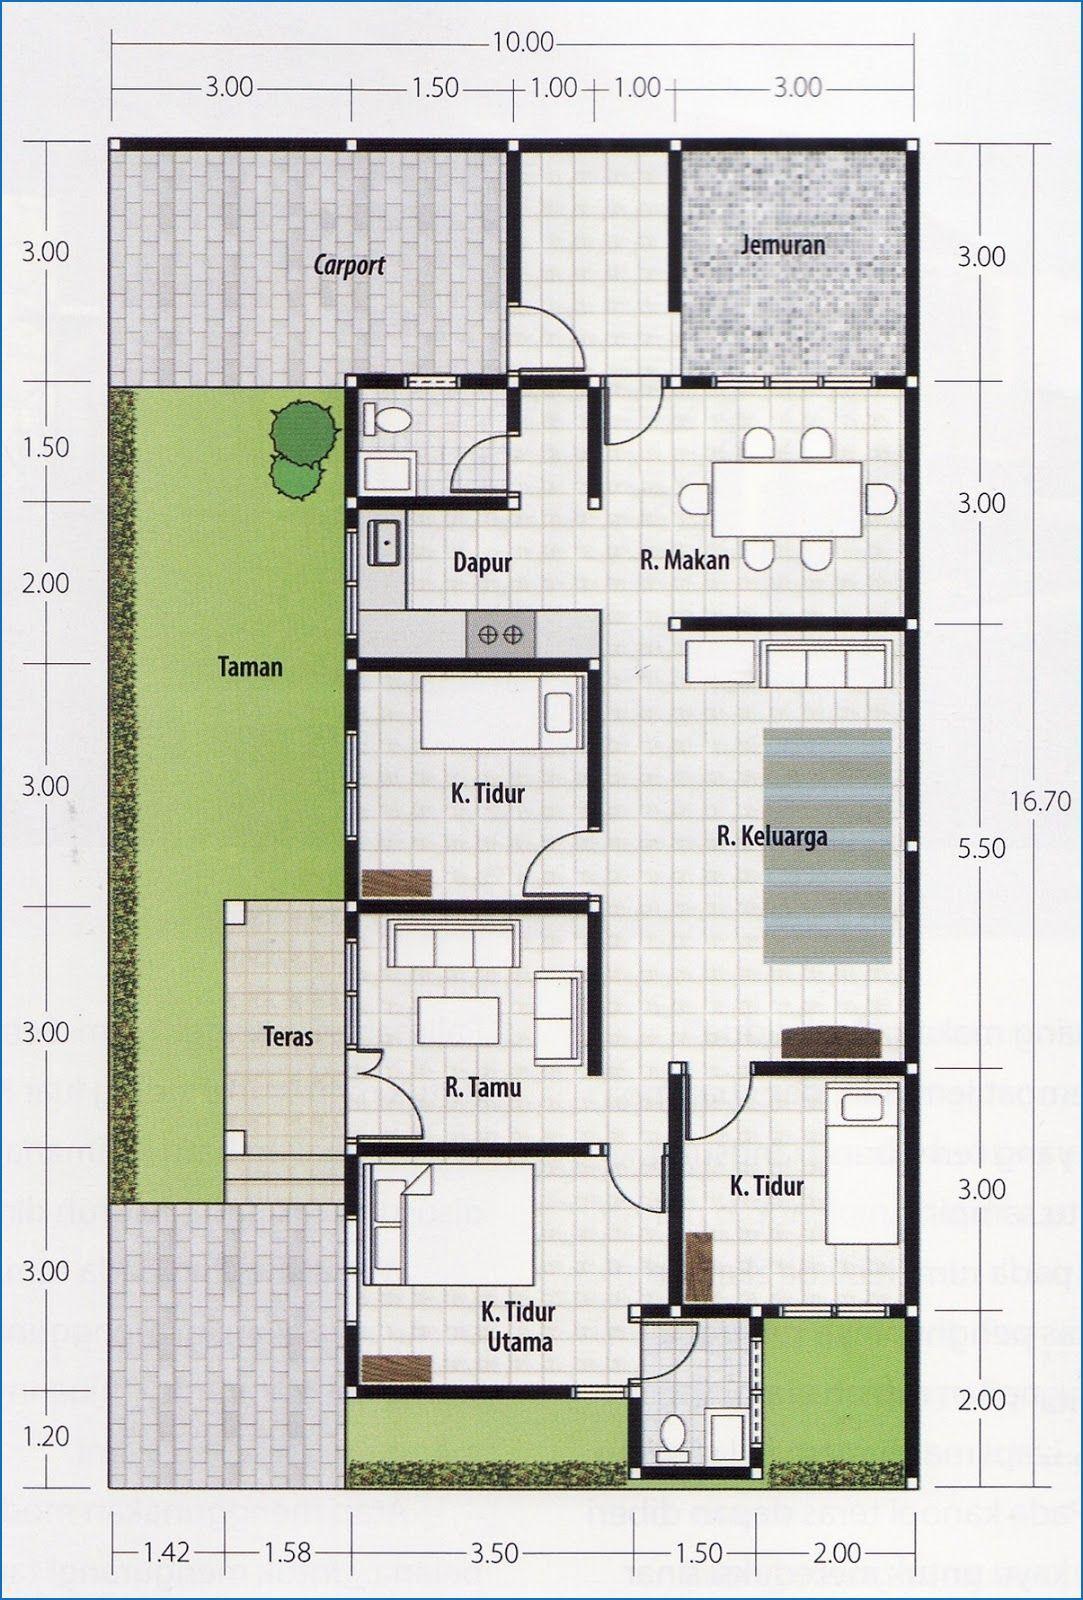 rumah 3 kamar 1 lantai